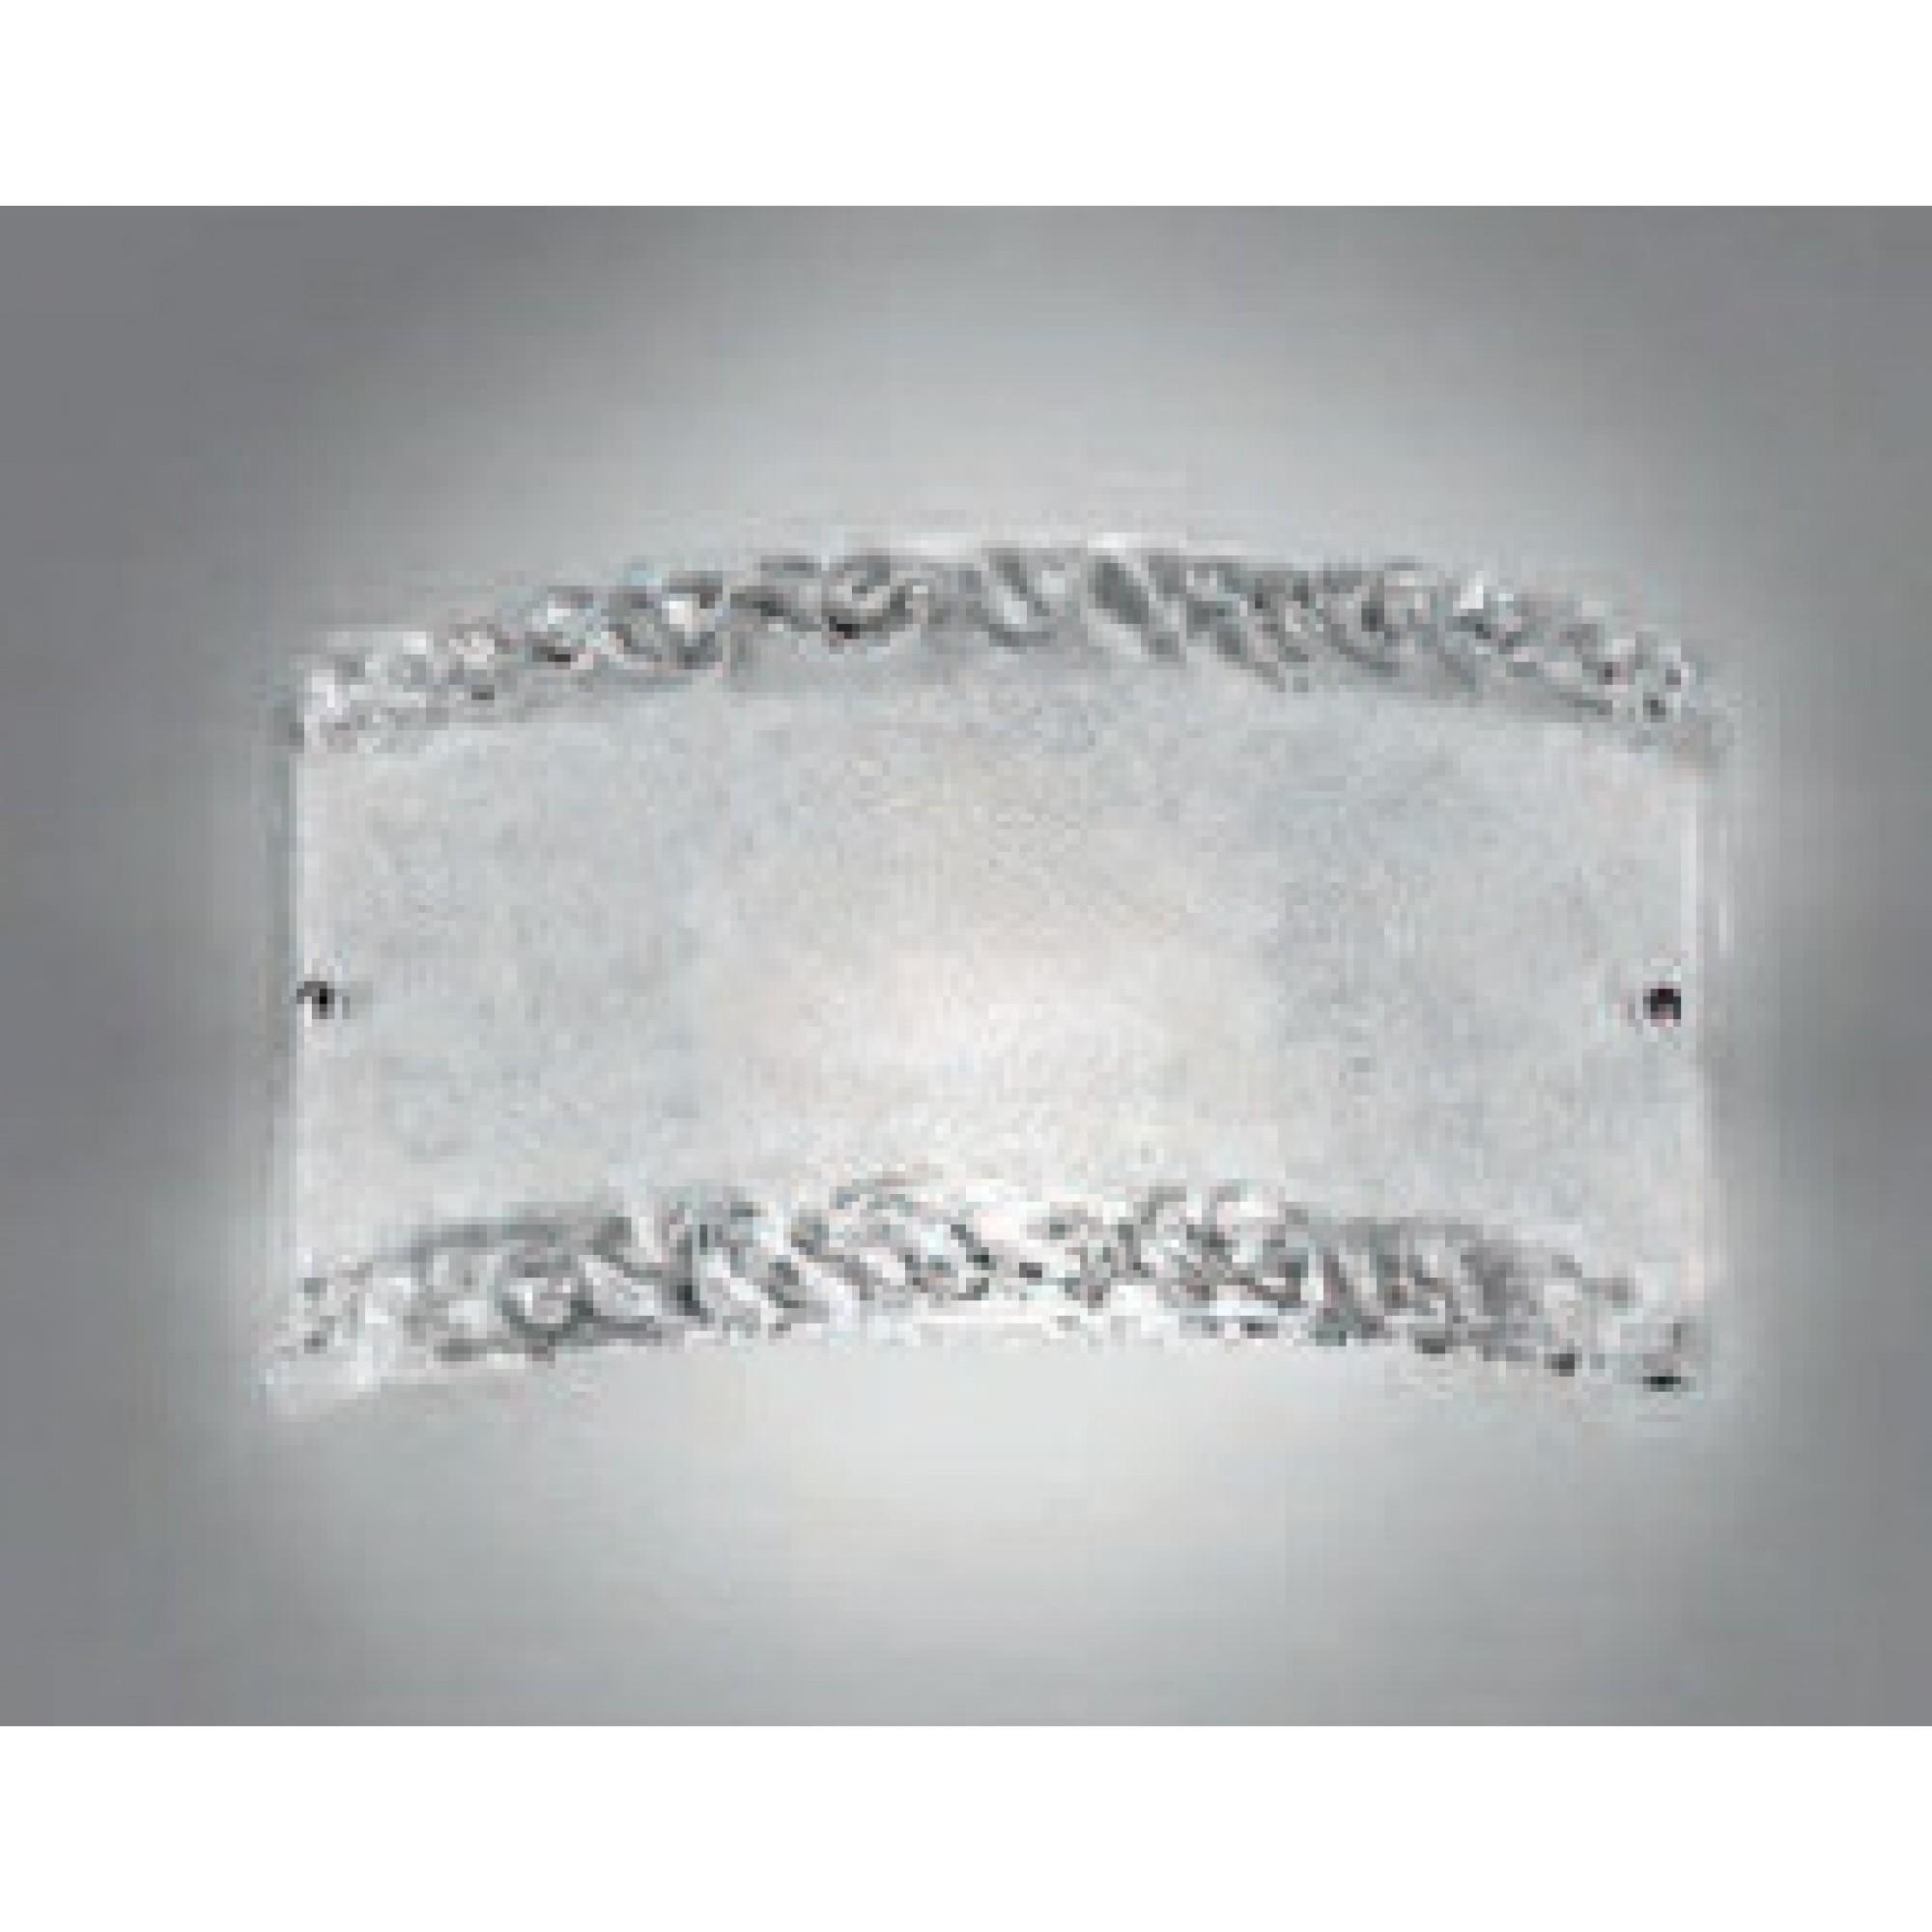 AMALFI 1L APLIK L:37cm H:18,5cm - Murano -  LUCECREA